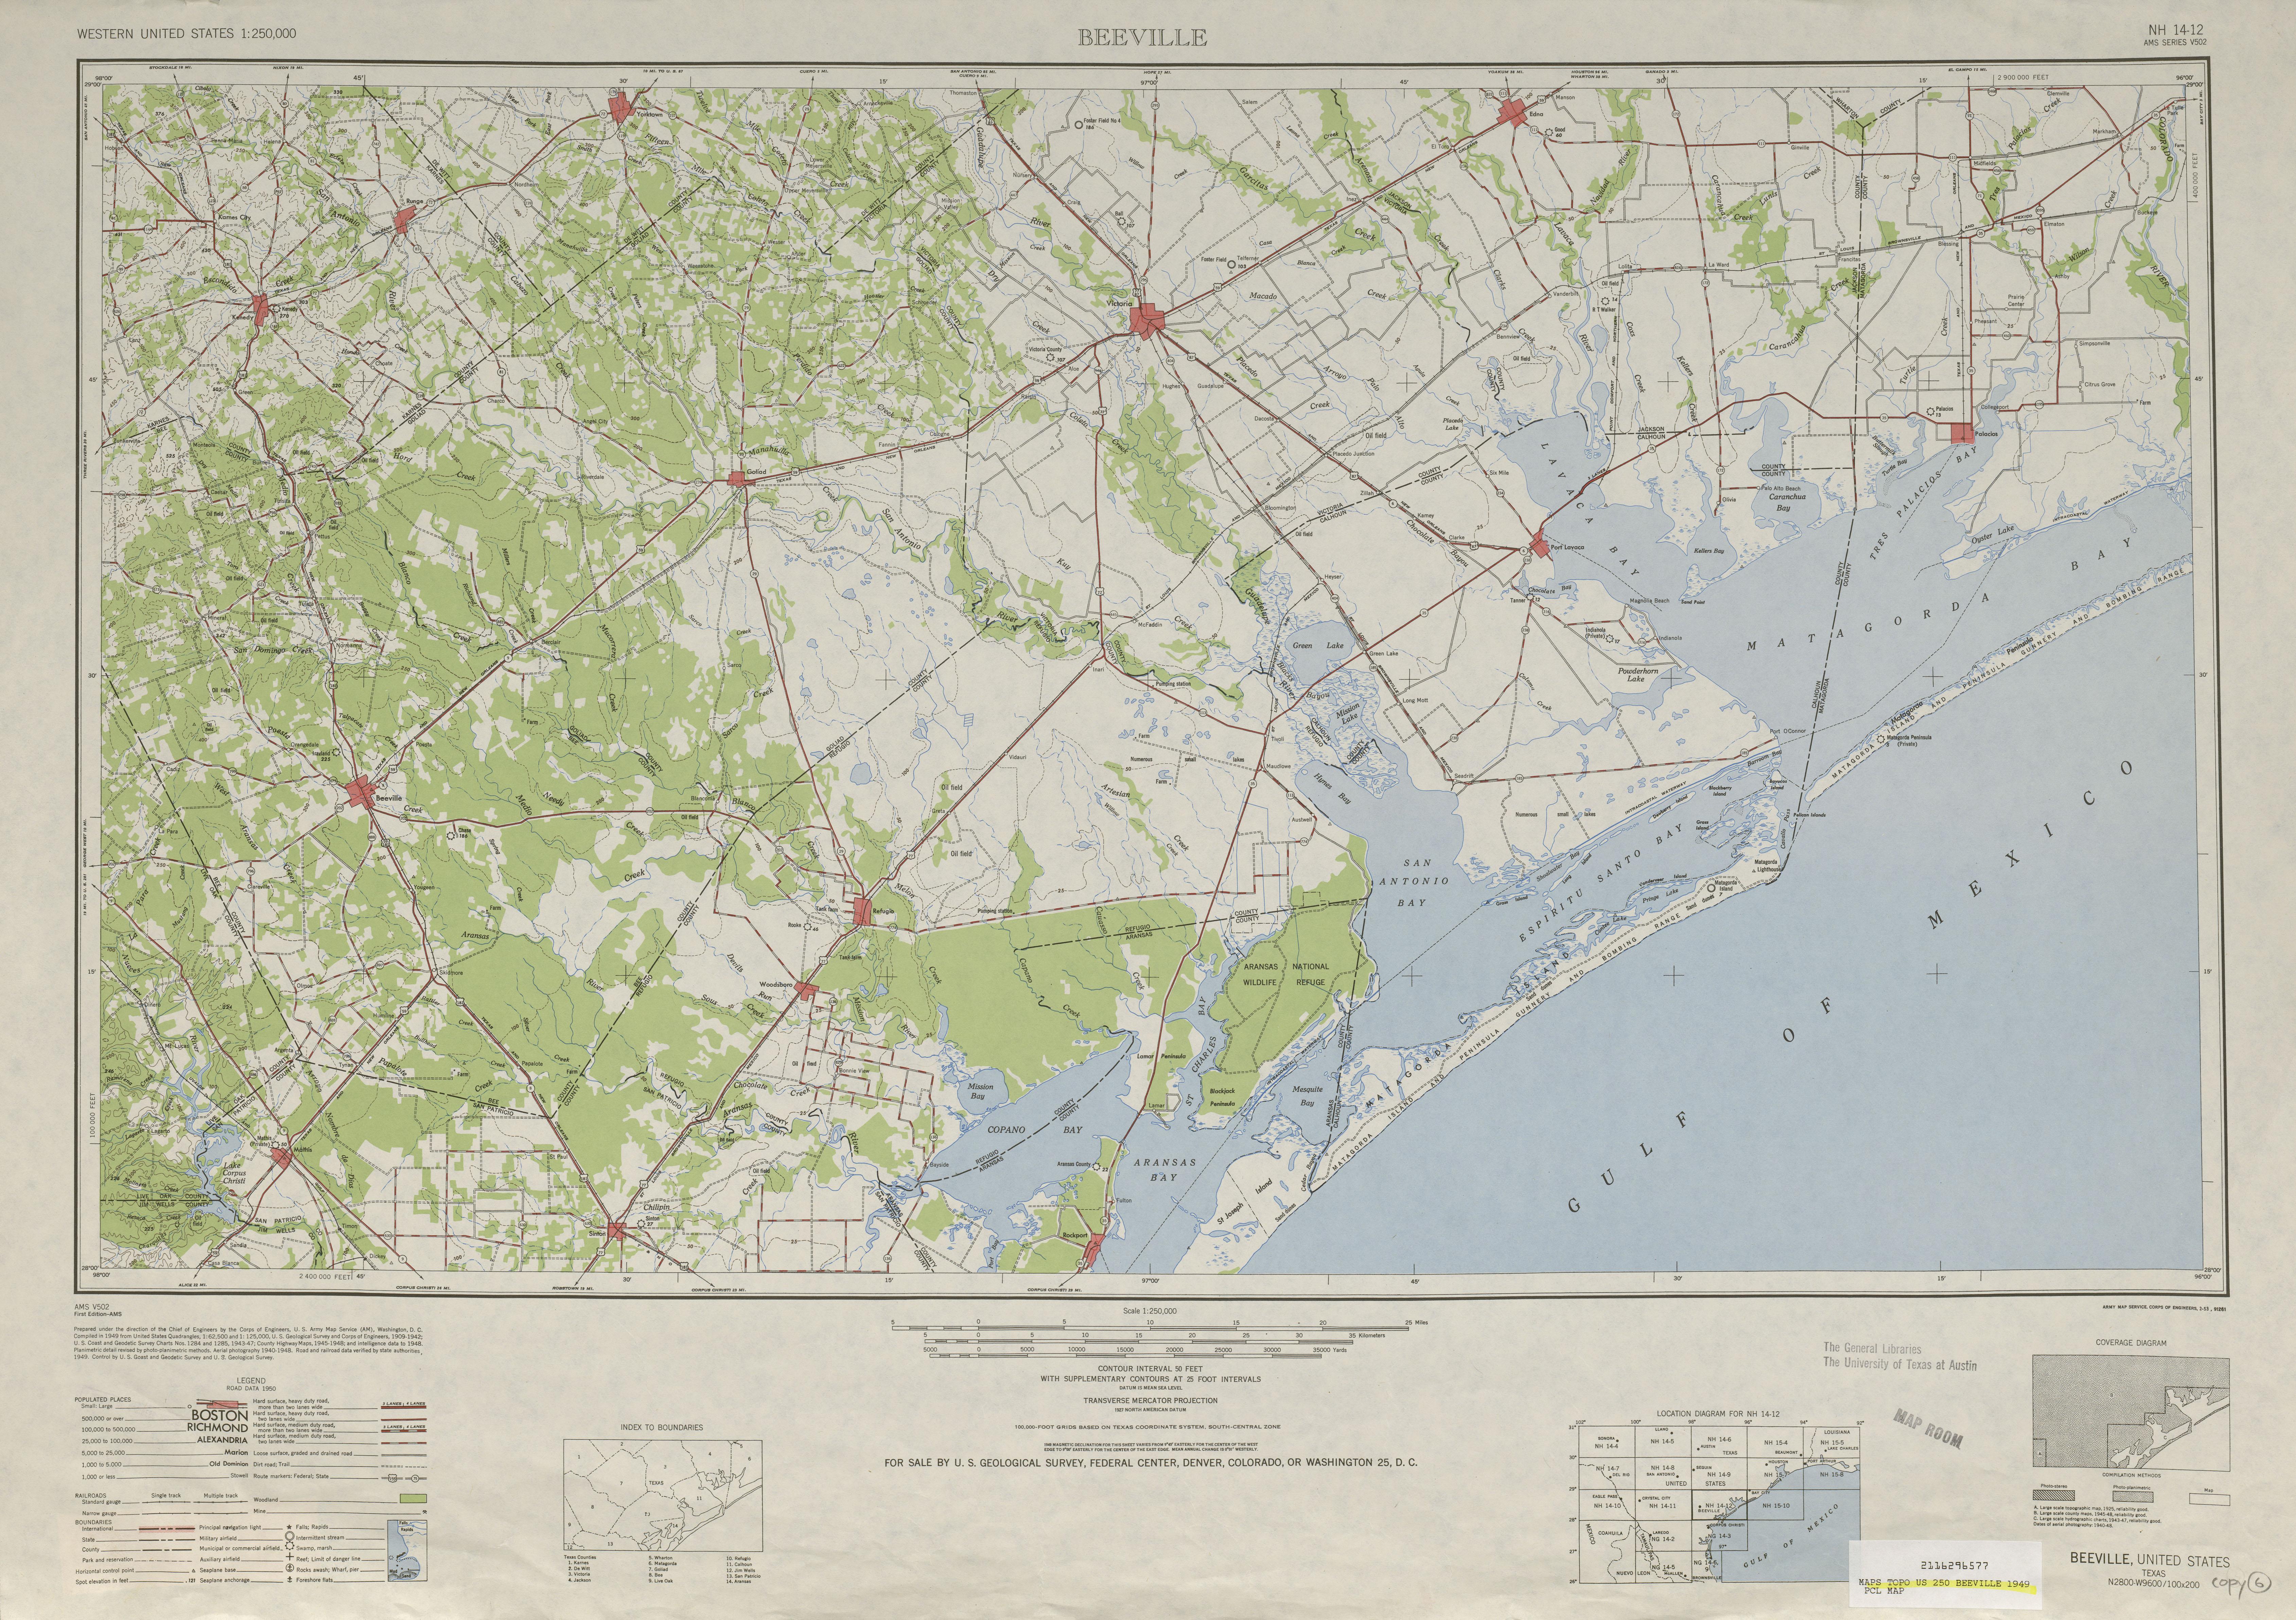 Hoja Beeville del Mapa Topográfico de los Estados Unidos 1949